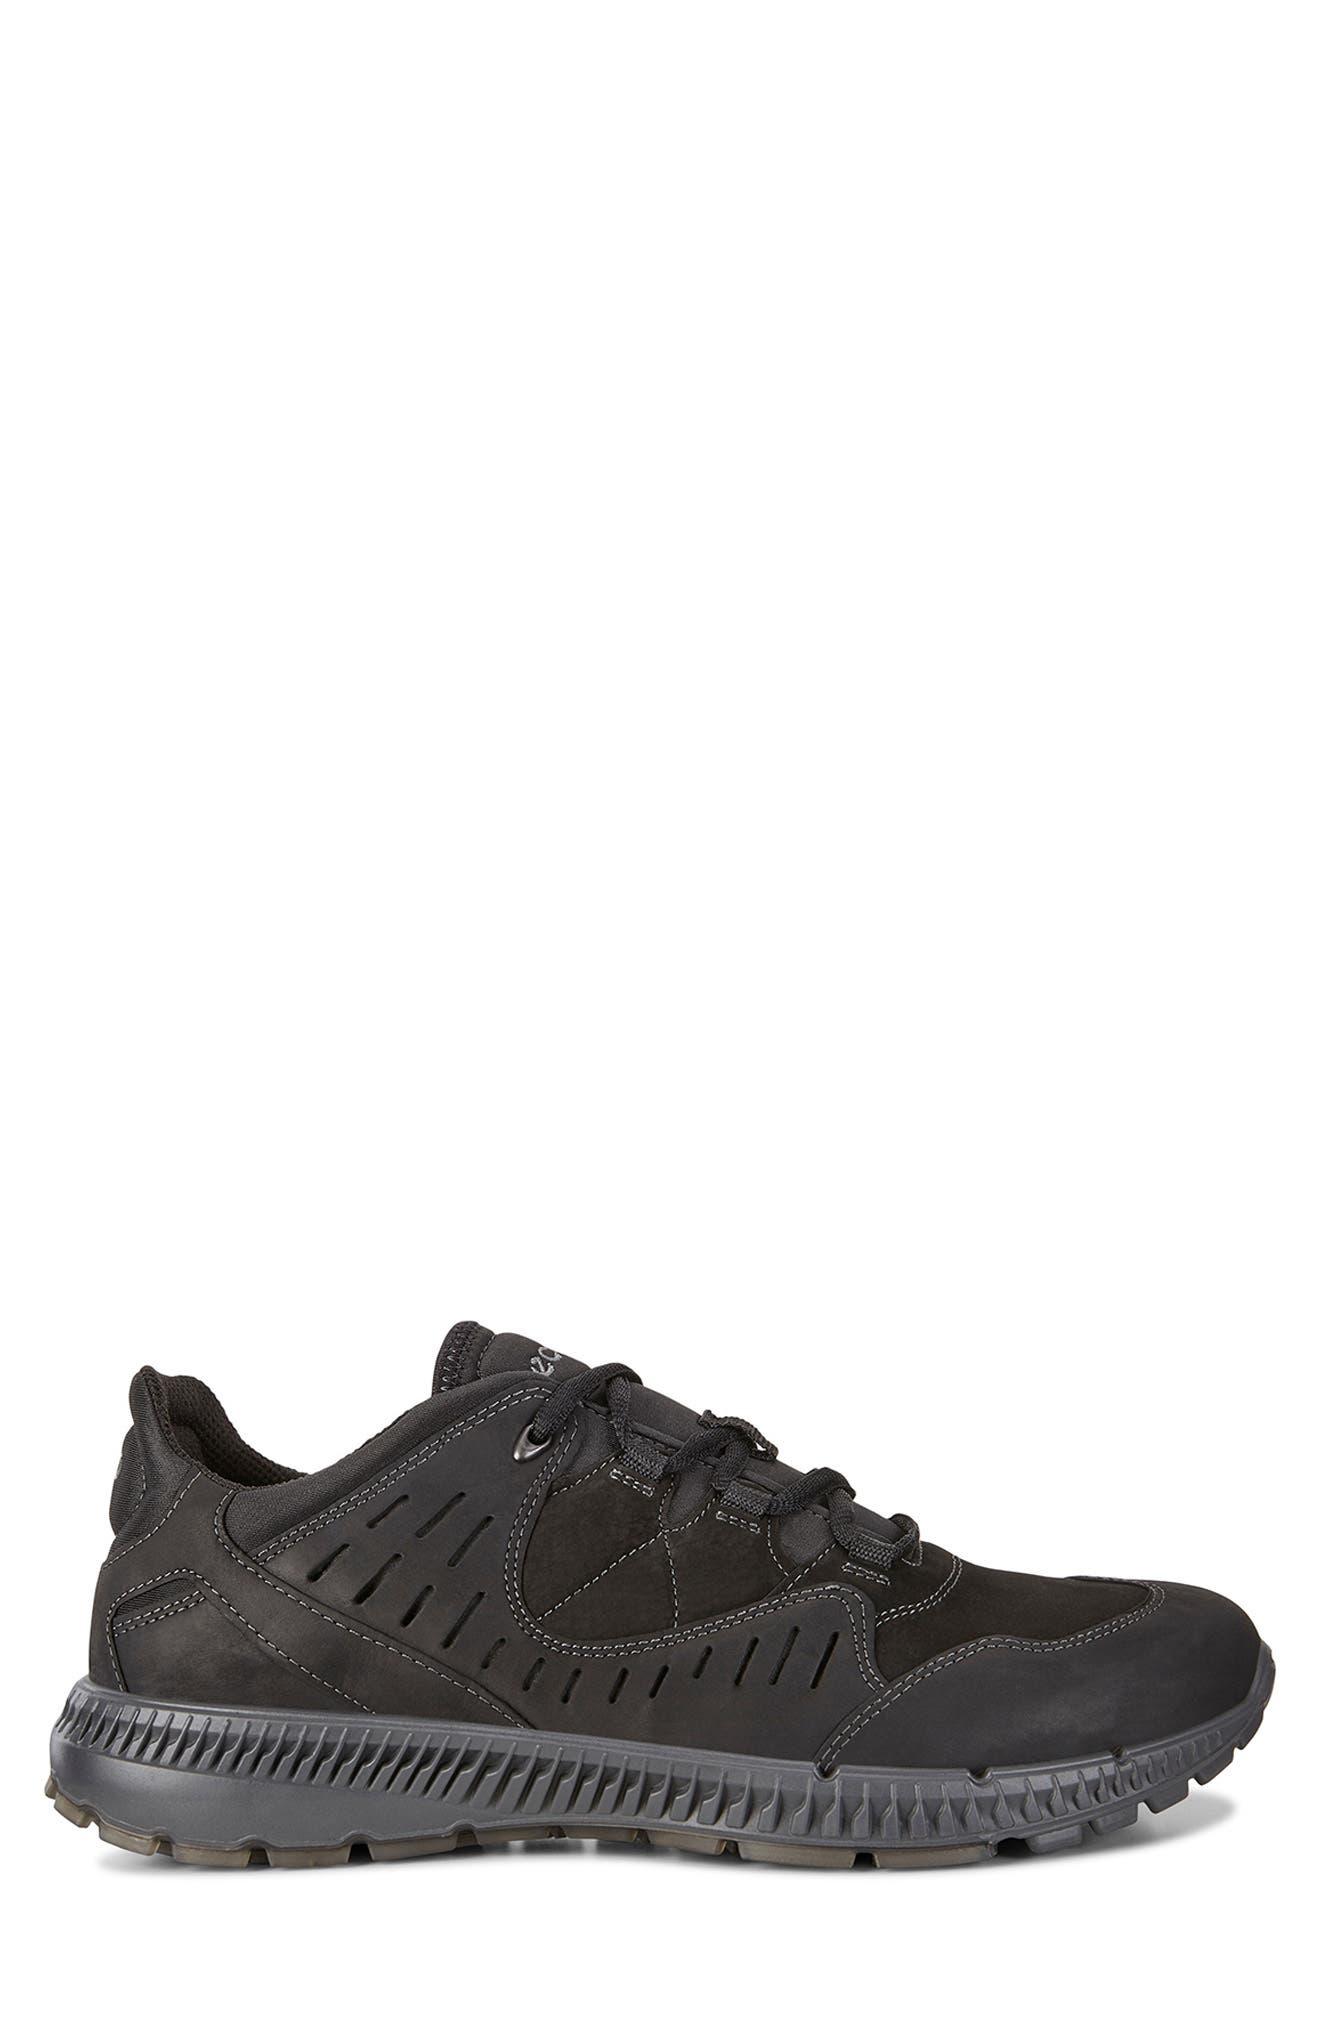 Terrawalk Sneaker,                             Alternate thumbnail 2, color,                             001